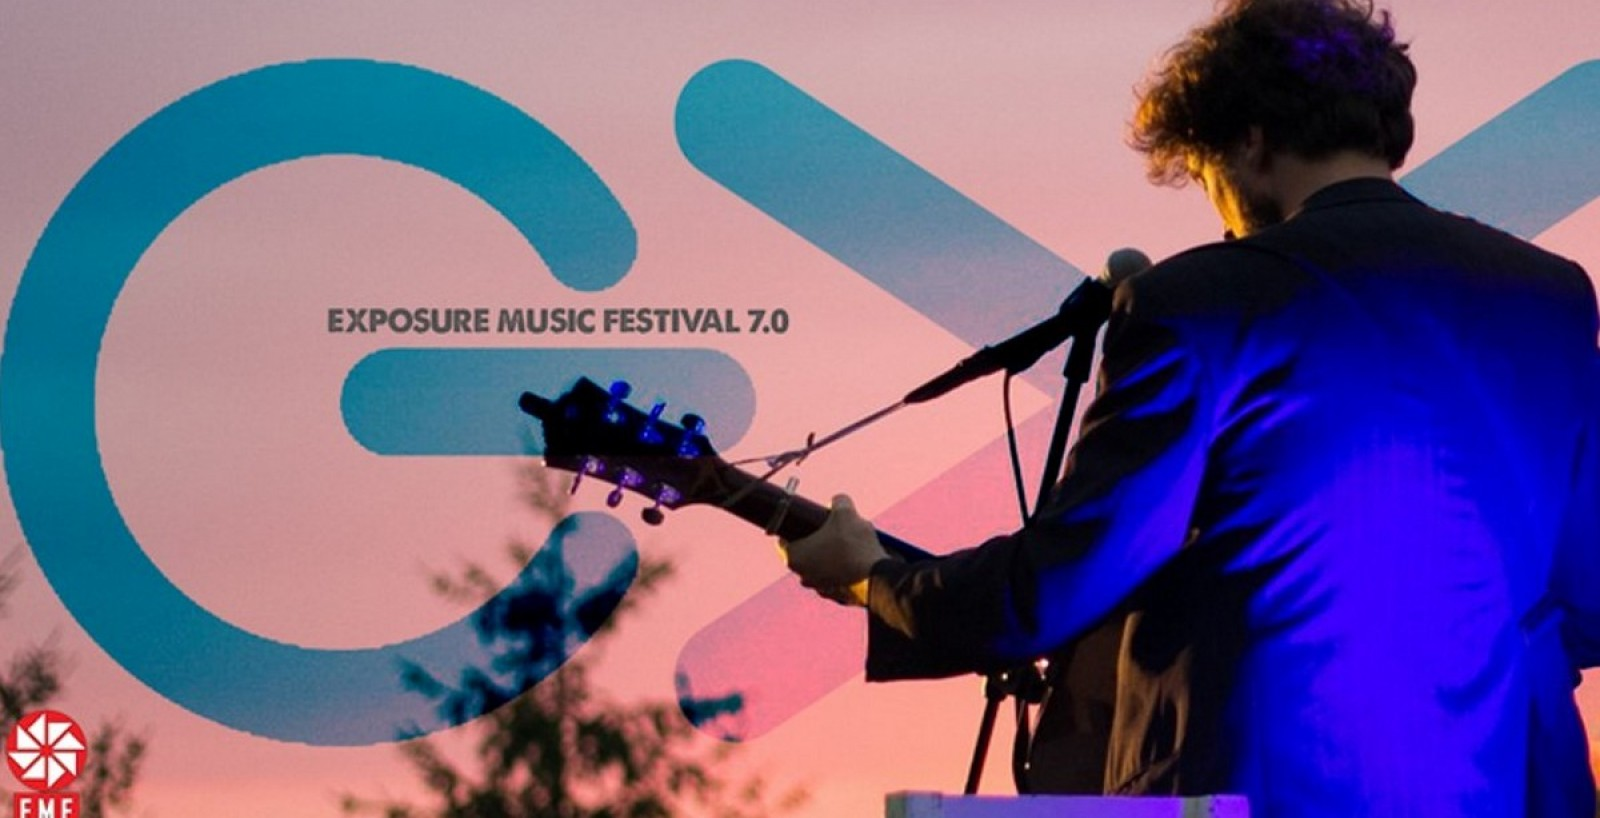 Otvorene prijave za 7. Exposure Music Festival